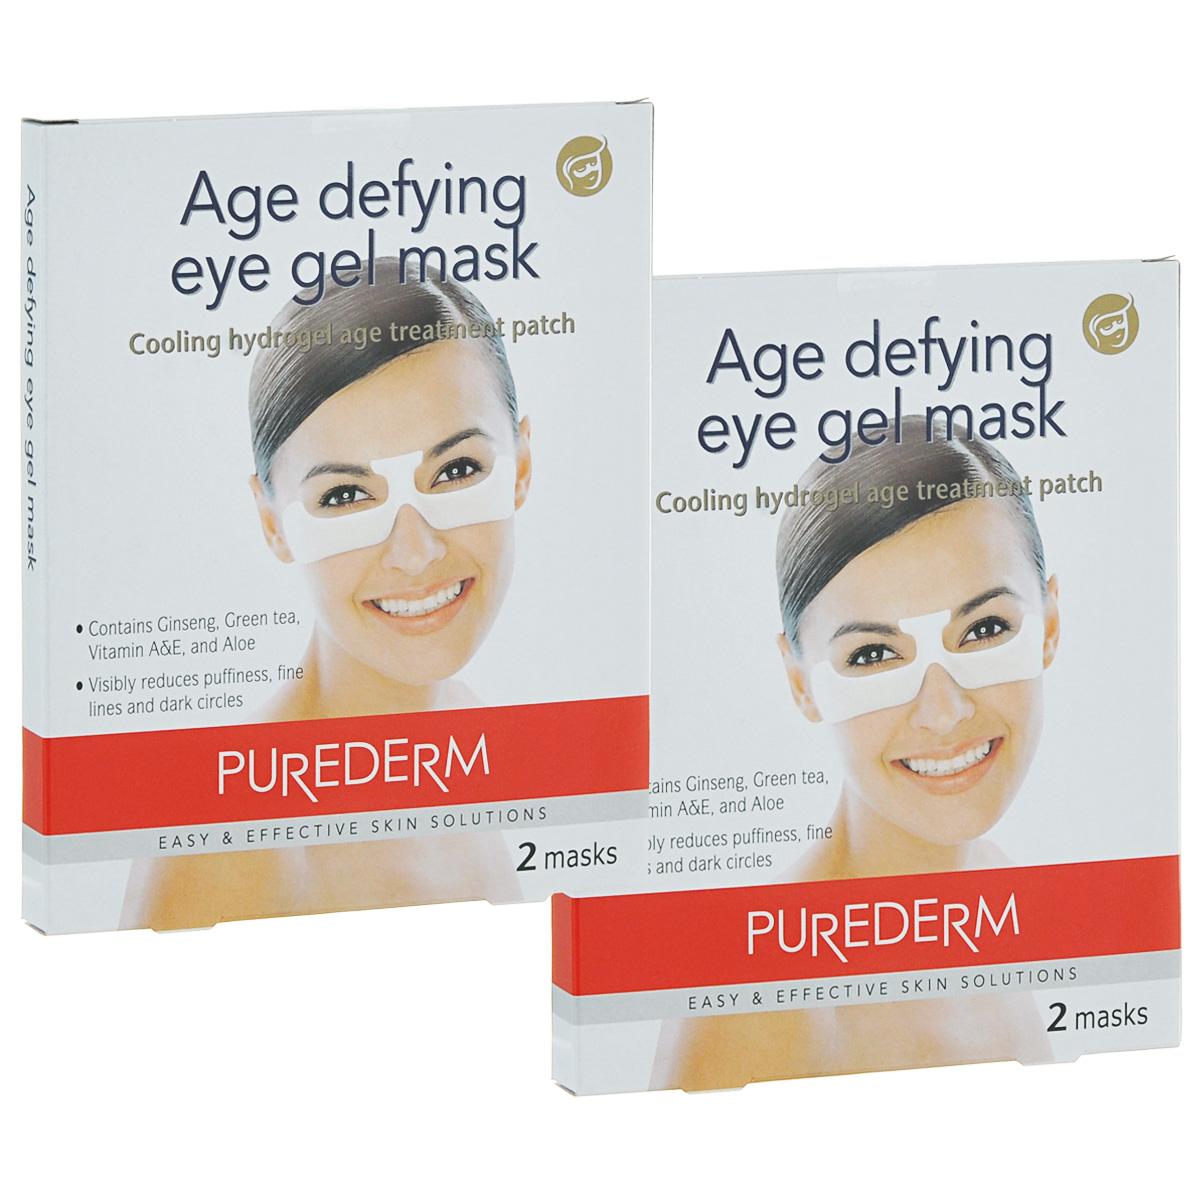 Purederm Гелевая маска для глаз с омолаживающим эффектом, 2х70 г.03.09.01.1240Cпециальное косметическое средство, созданное для уменьшения морщин вокруг глаз без раздражения кожи. Гелевая основа подушечек обеспечивает глубокое проникновение питательных и увлажняющих ингредиентов и их длительное воздействие на кожу.